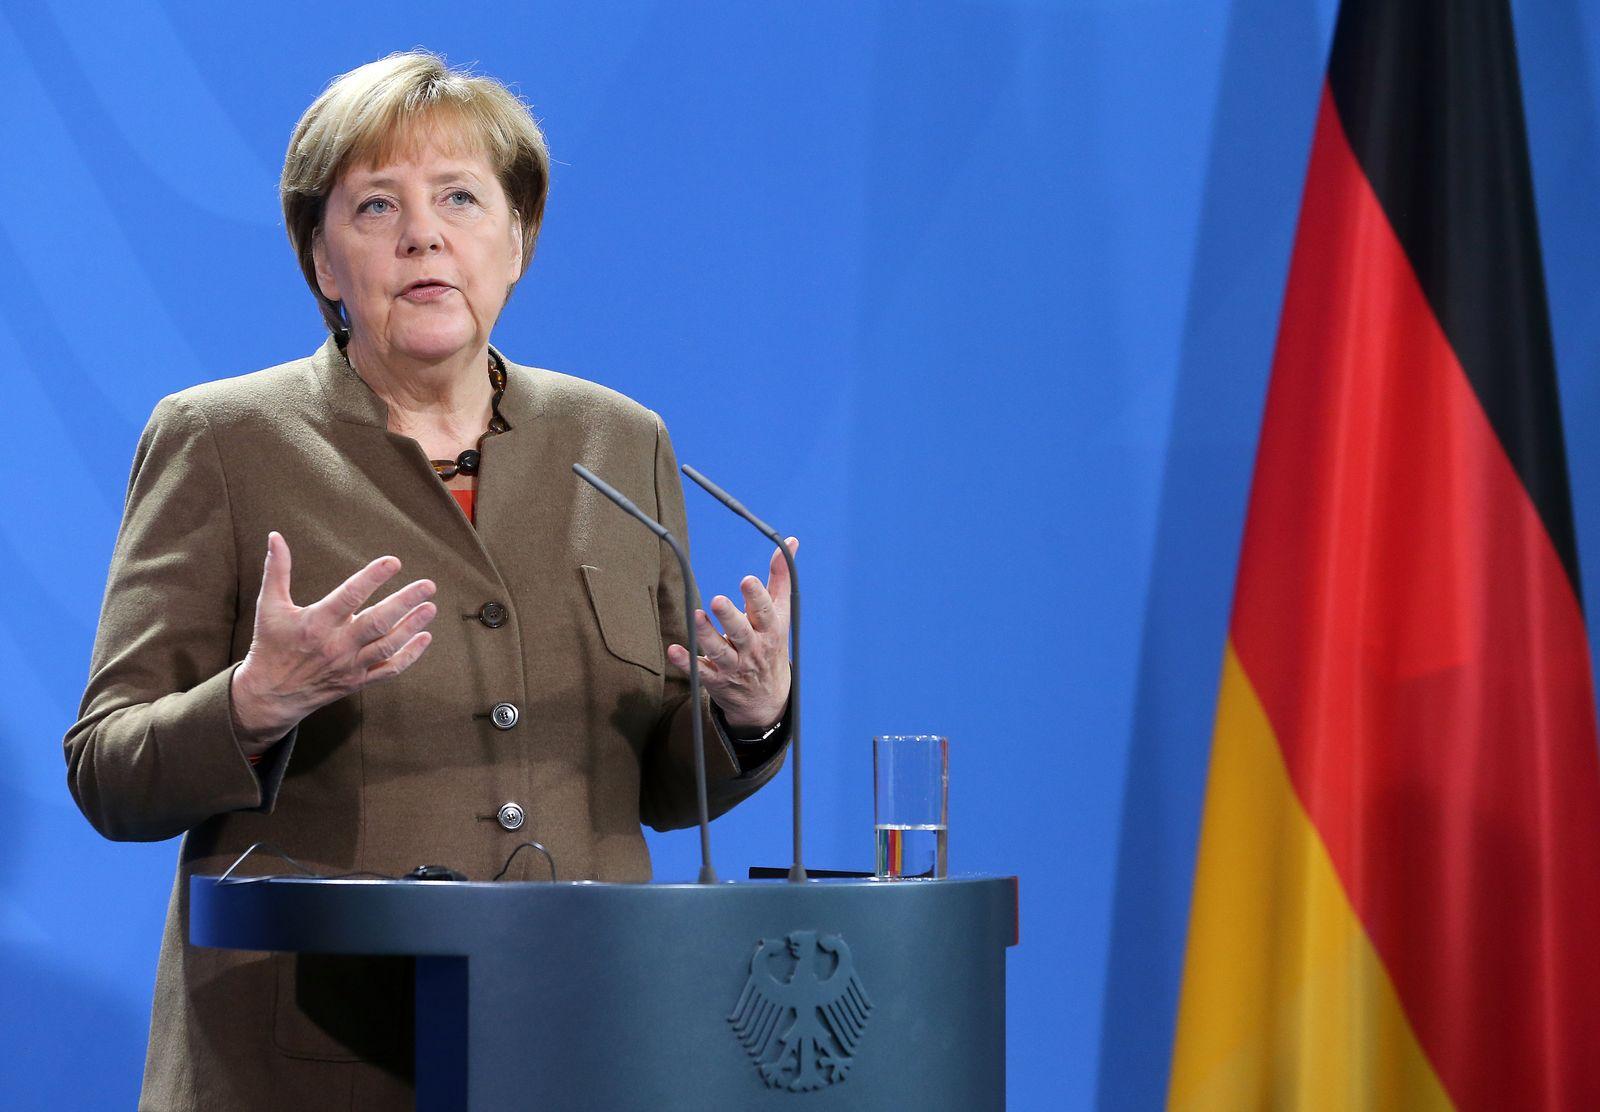 Merkel empfängt Jacob Zuma